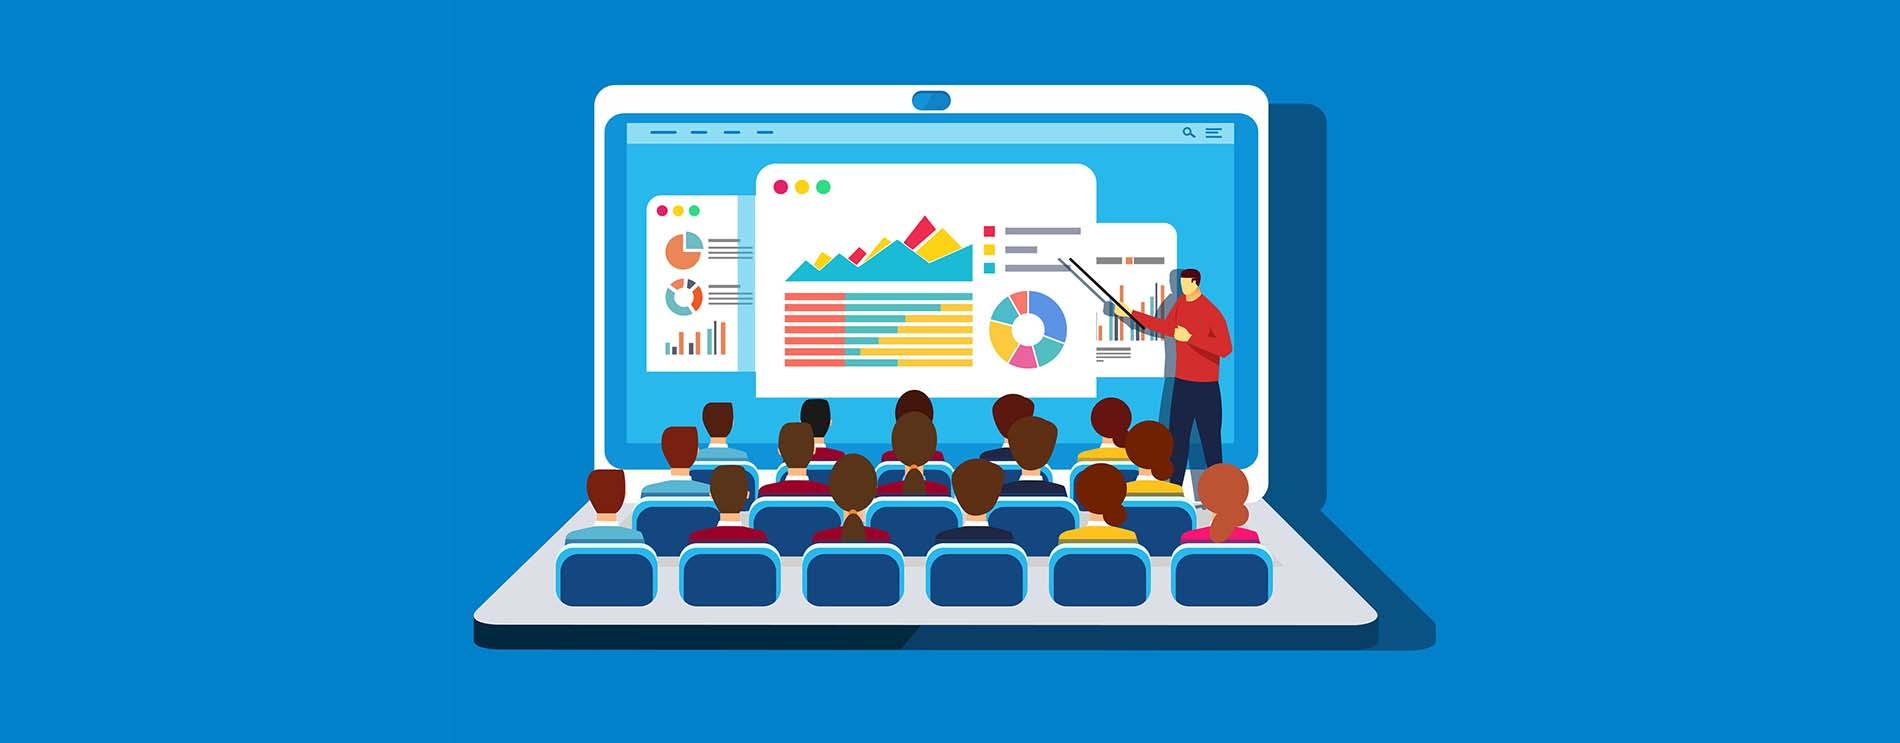 Digital Learning Corporativo: Las razones detrás del boom